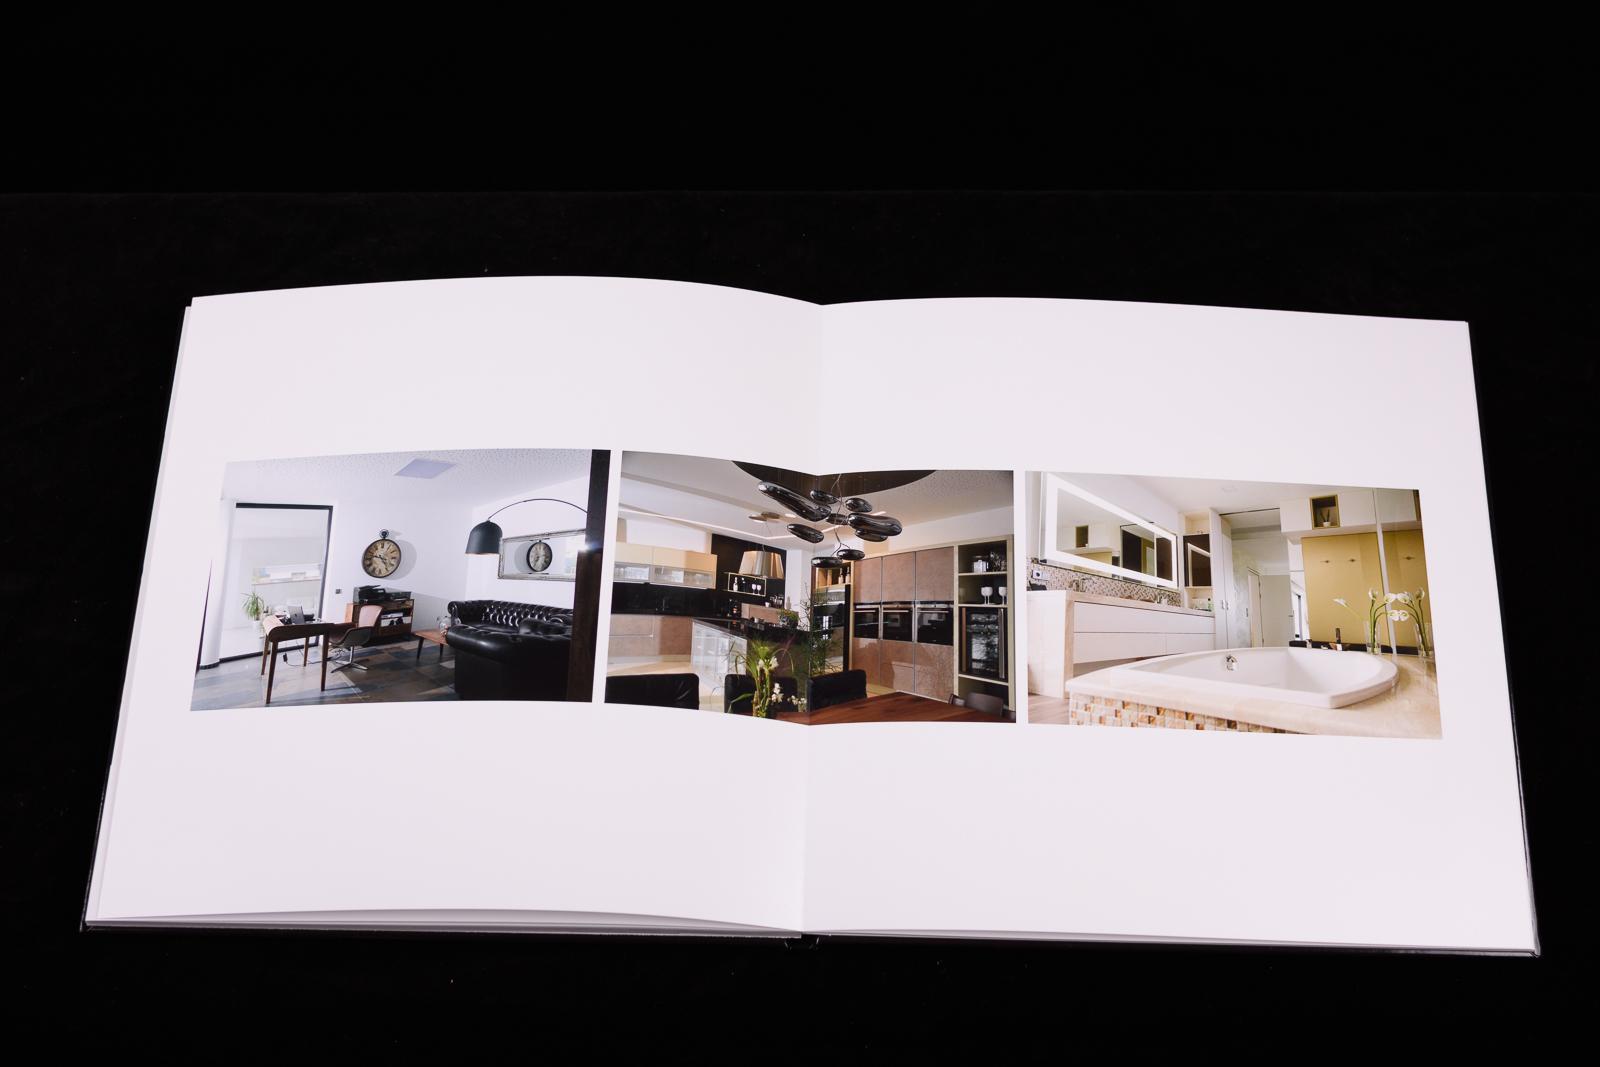 fotobuch_012_stephanschreinerphotography